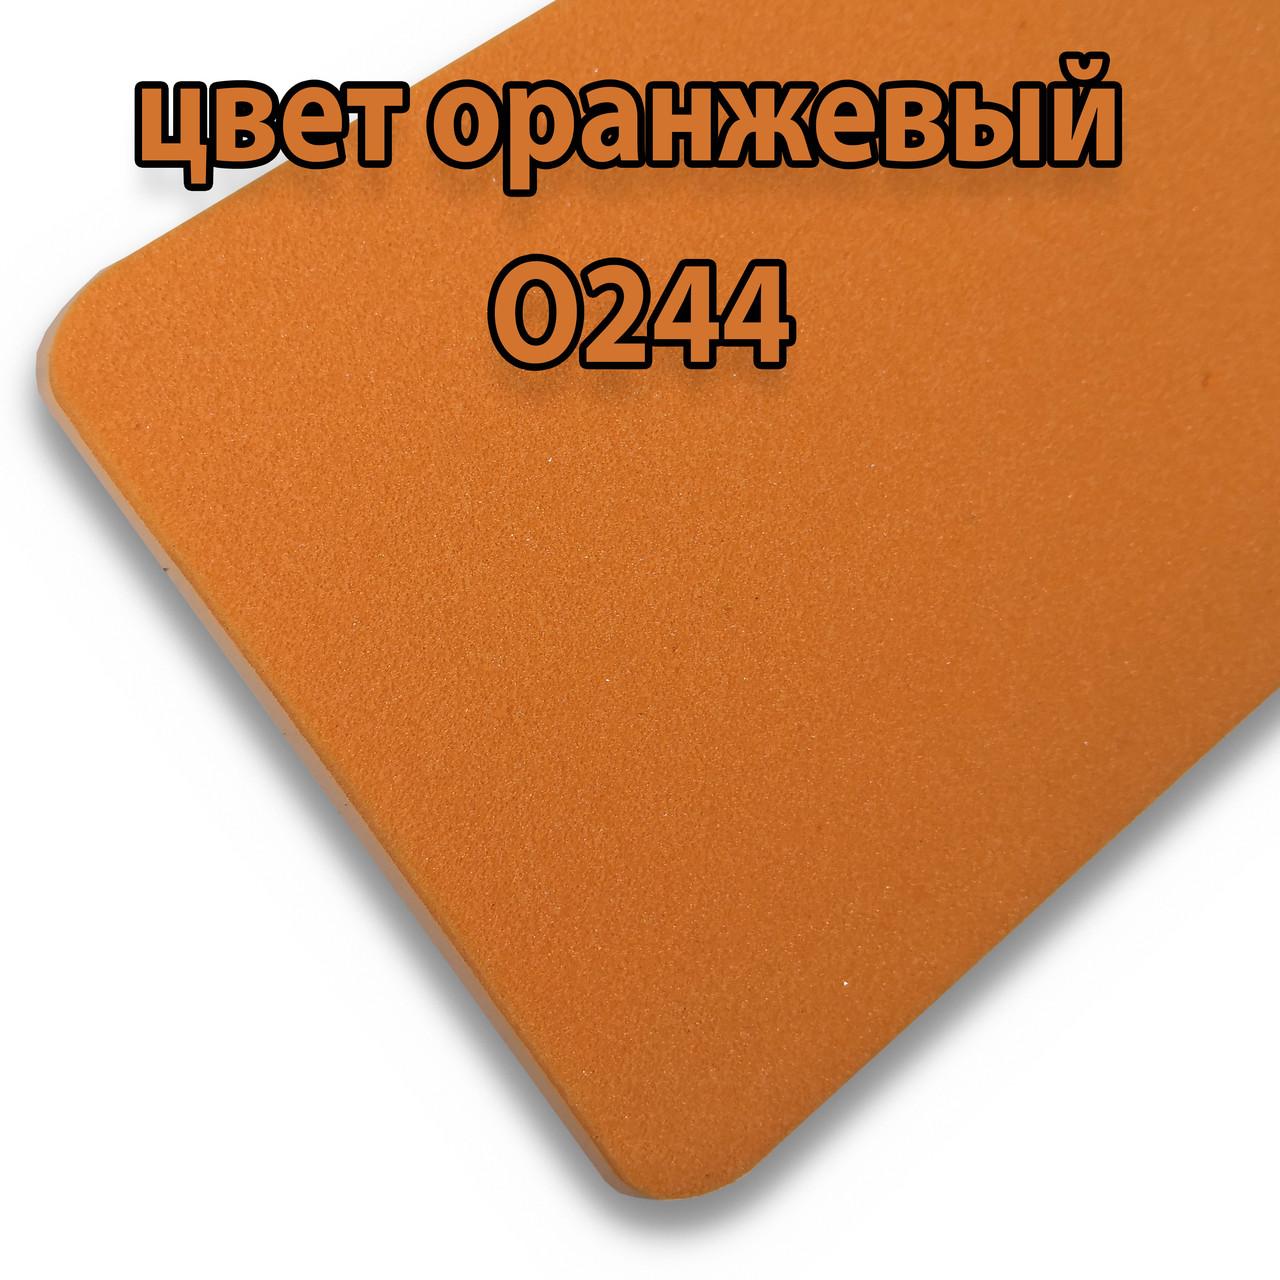 Изолон цветной, 2 мм оранжевый